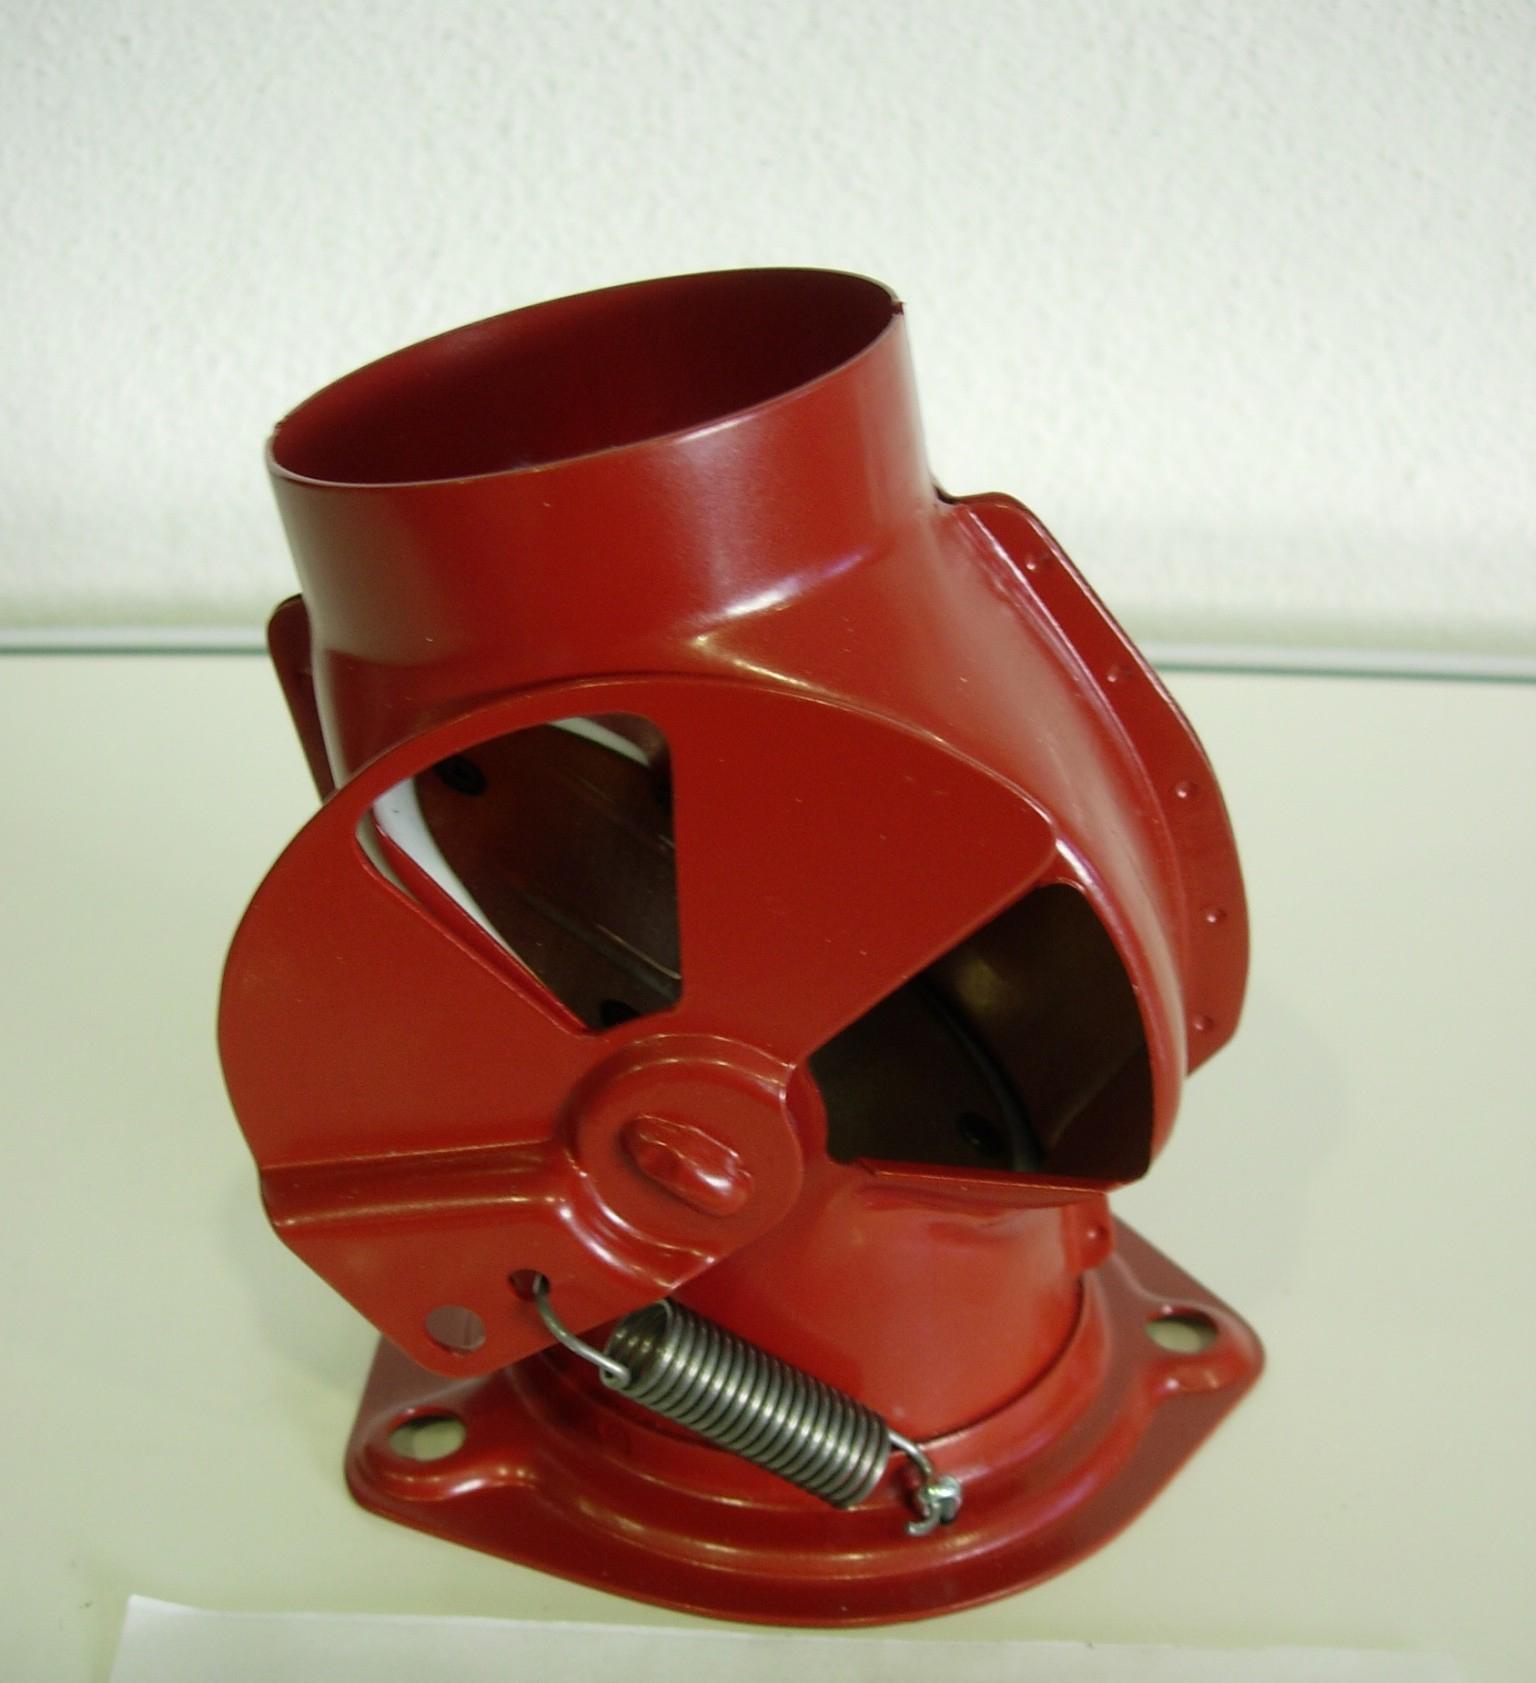 Control Unit Left - Red